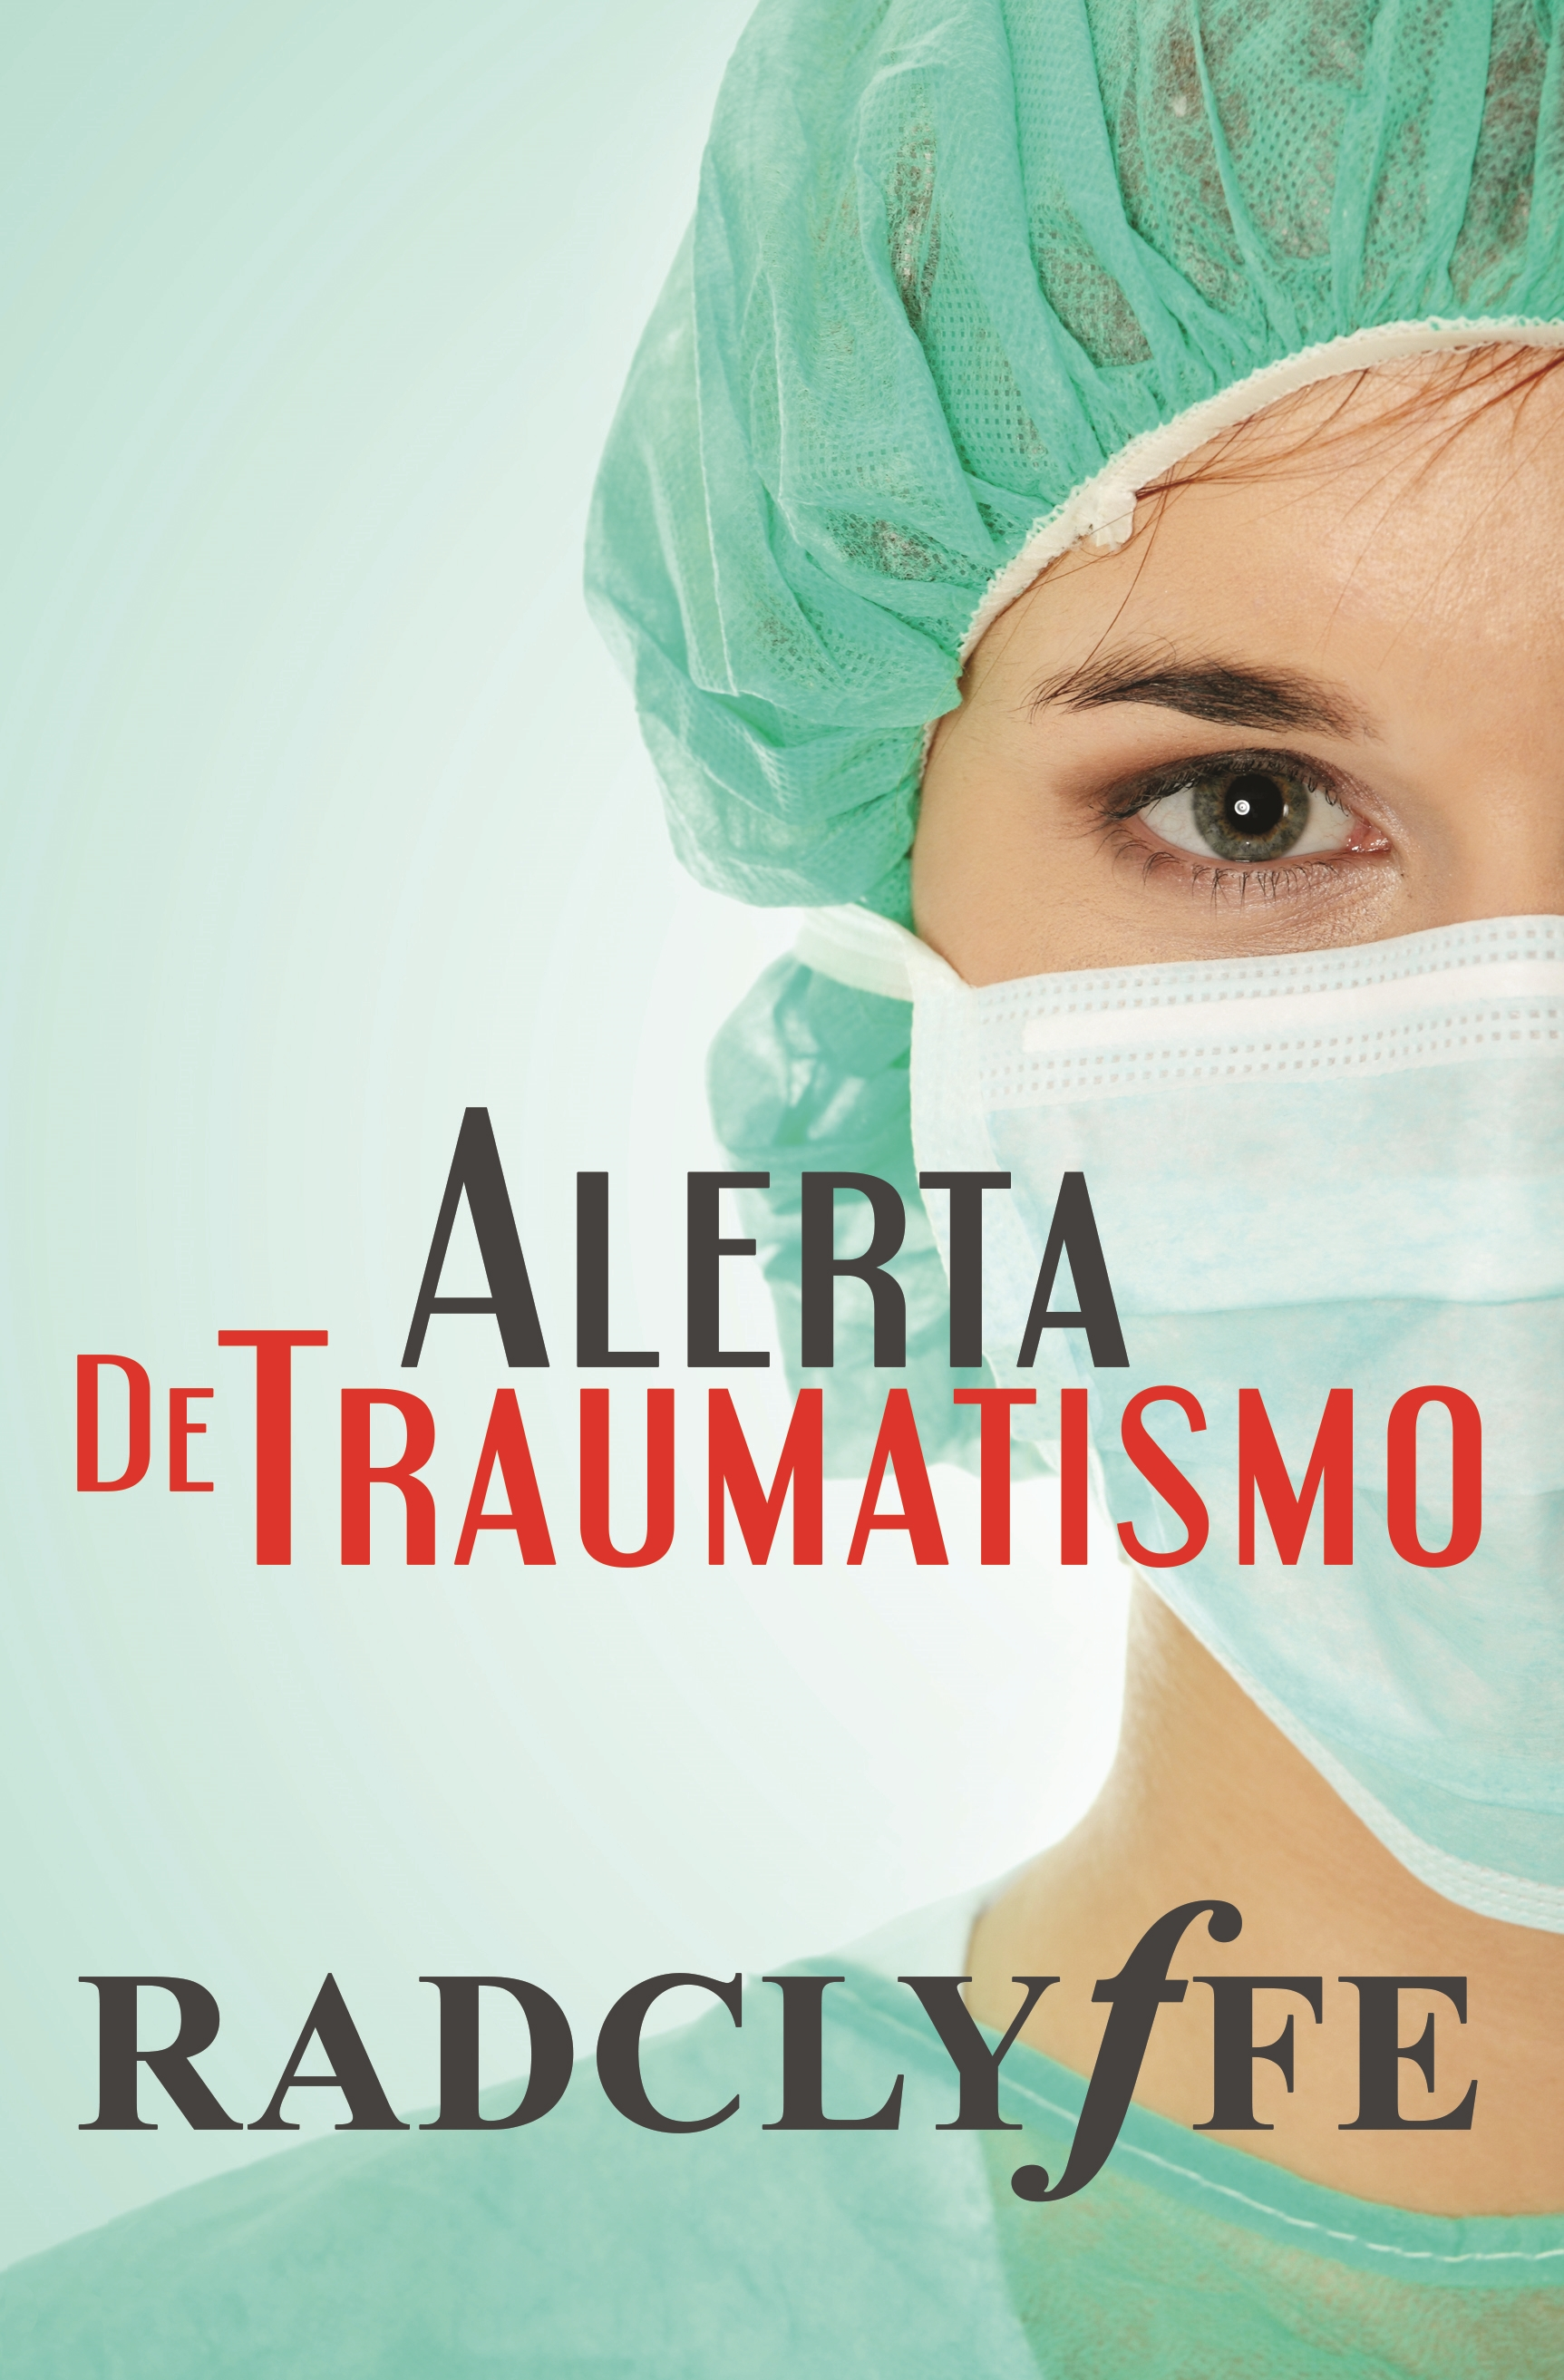 Alerta de Traumatismo